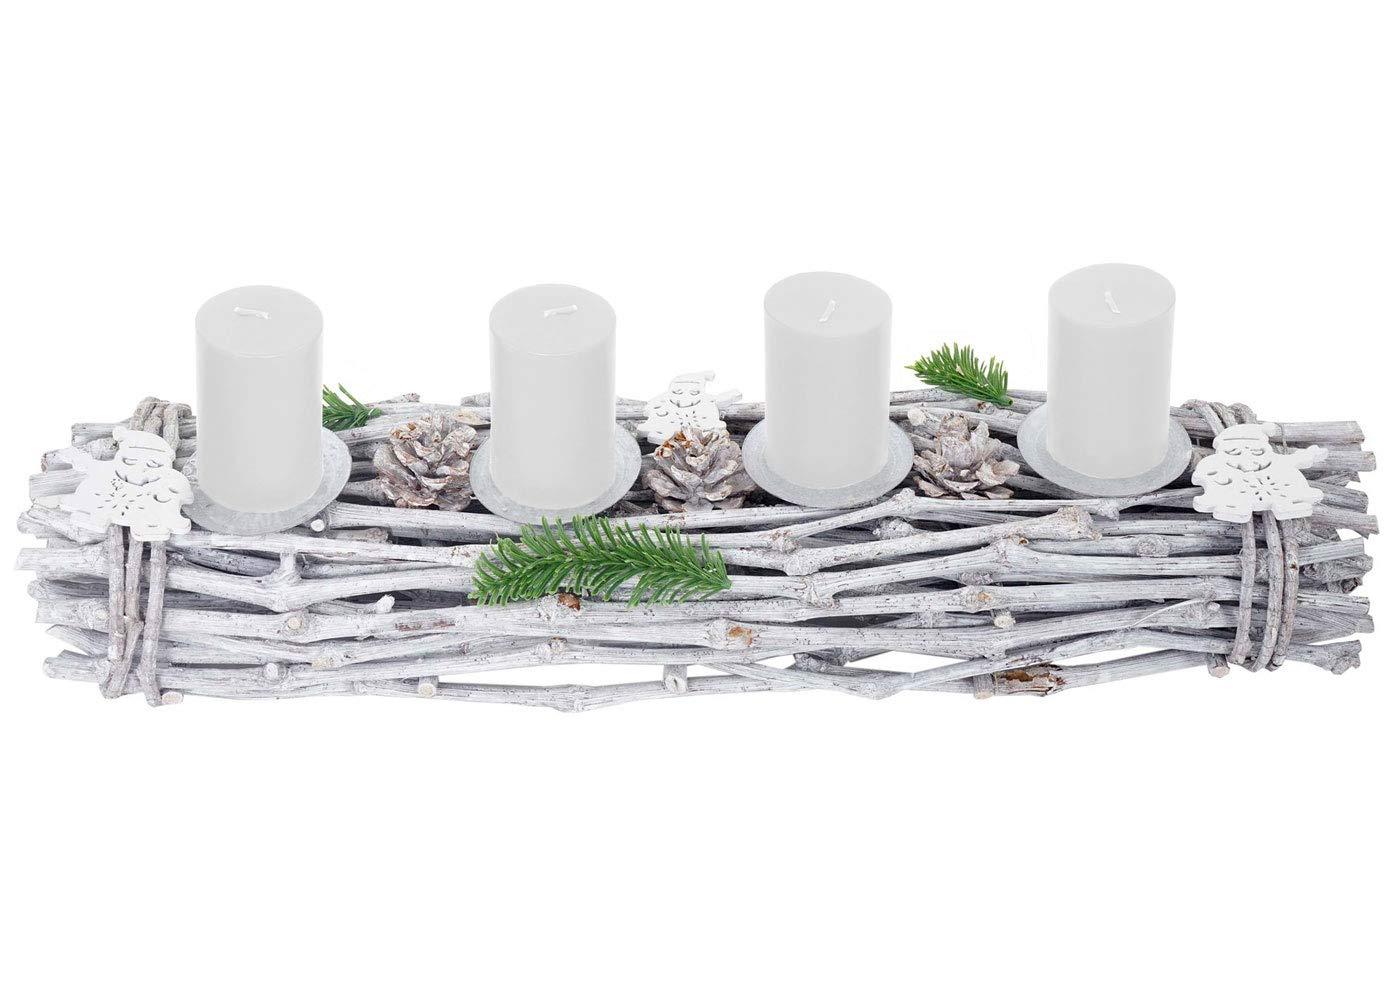 Holz 60x16x9cm wei/ß-grau ~ mit Kerzen rot Mendler Adventskranz l/änglich Weihnachtsdeko Adventsgesteck